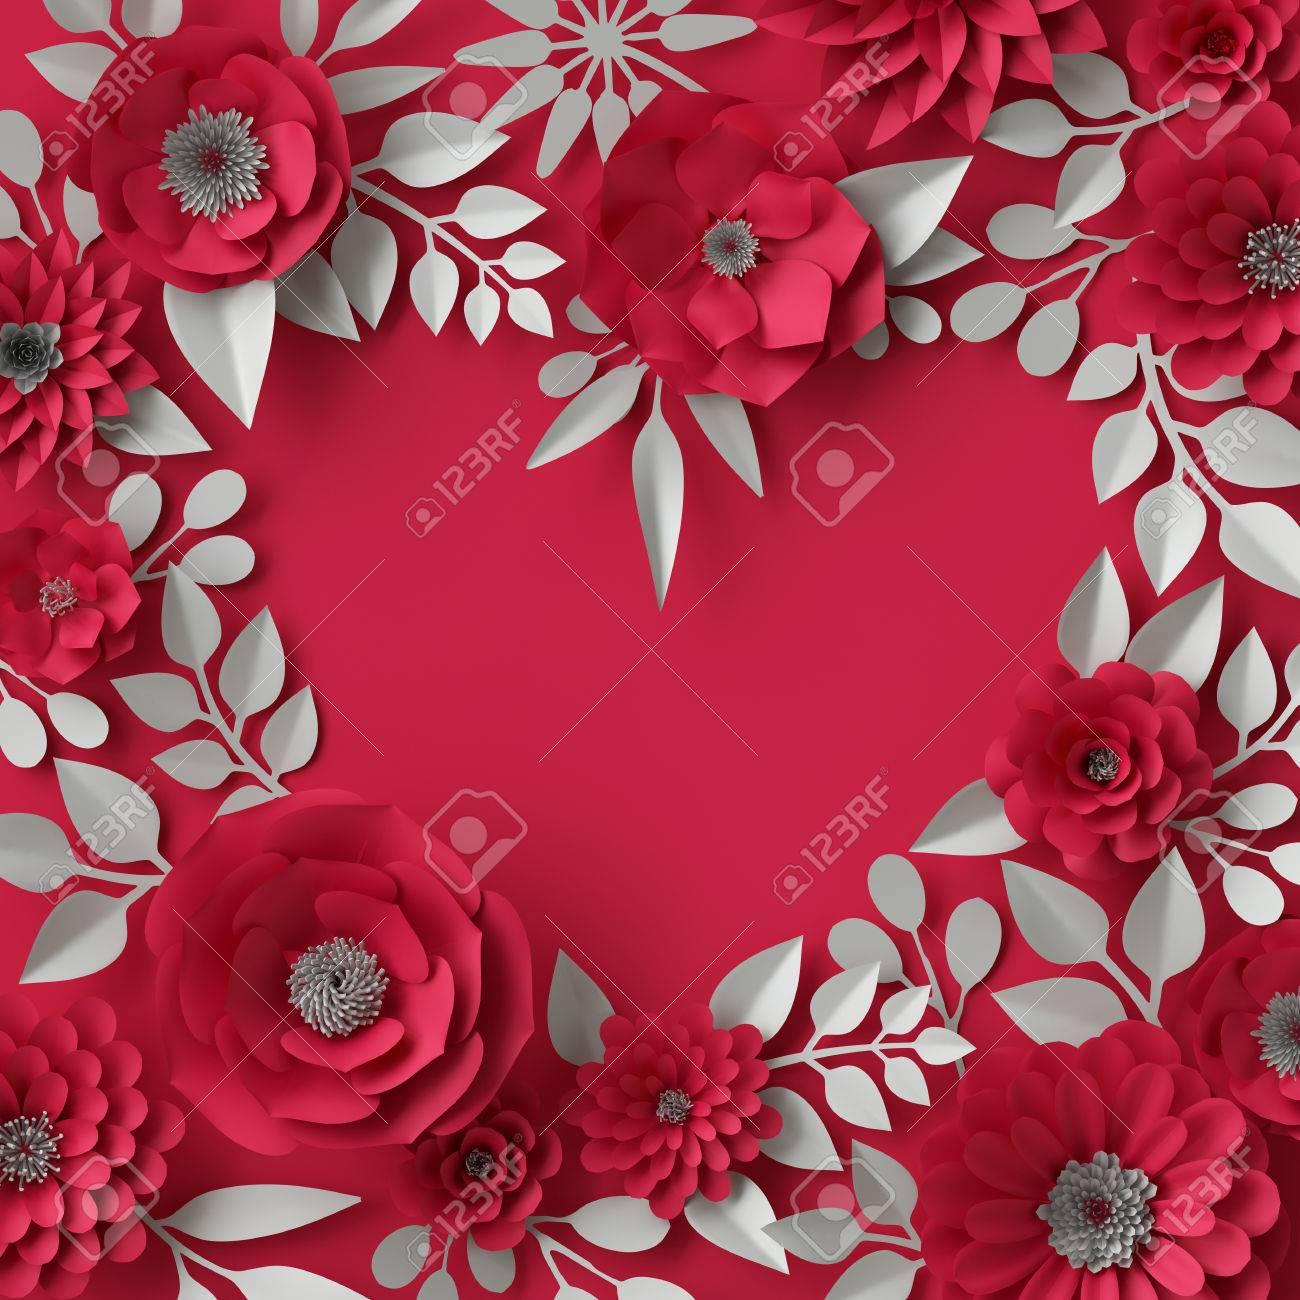 3d Ilustración, Papel Decorativo De Color Rojo Flores De Fondo, El ...